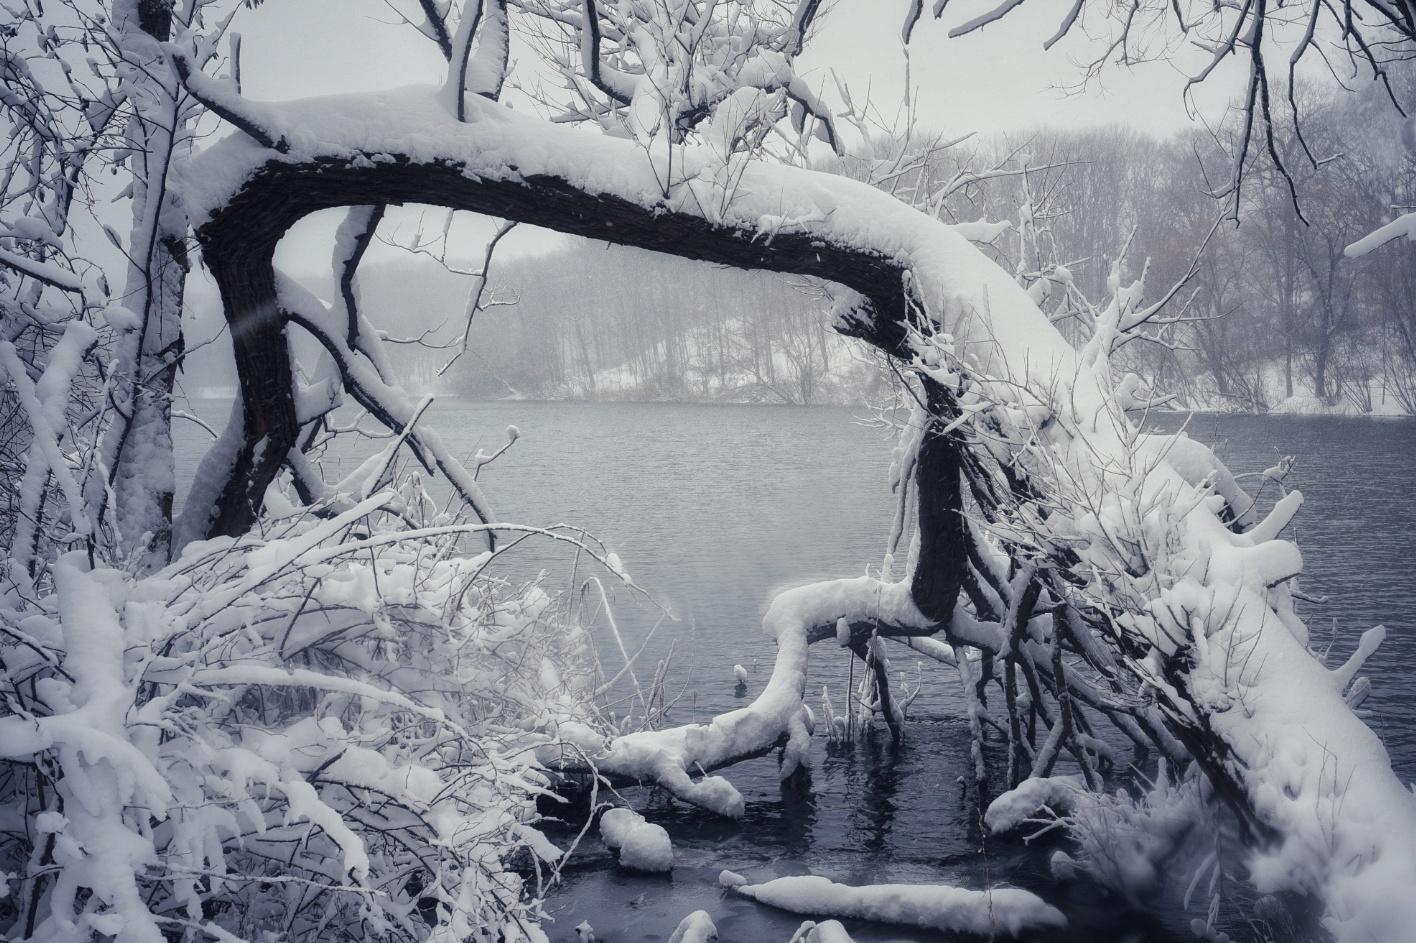 倒塌的活樹,它依然生長在湖邊的泥土裡,暴風雪中更顯壯觀。(網友笨小孩@紐約皇后區Oakland Lake)